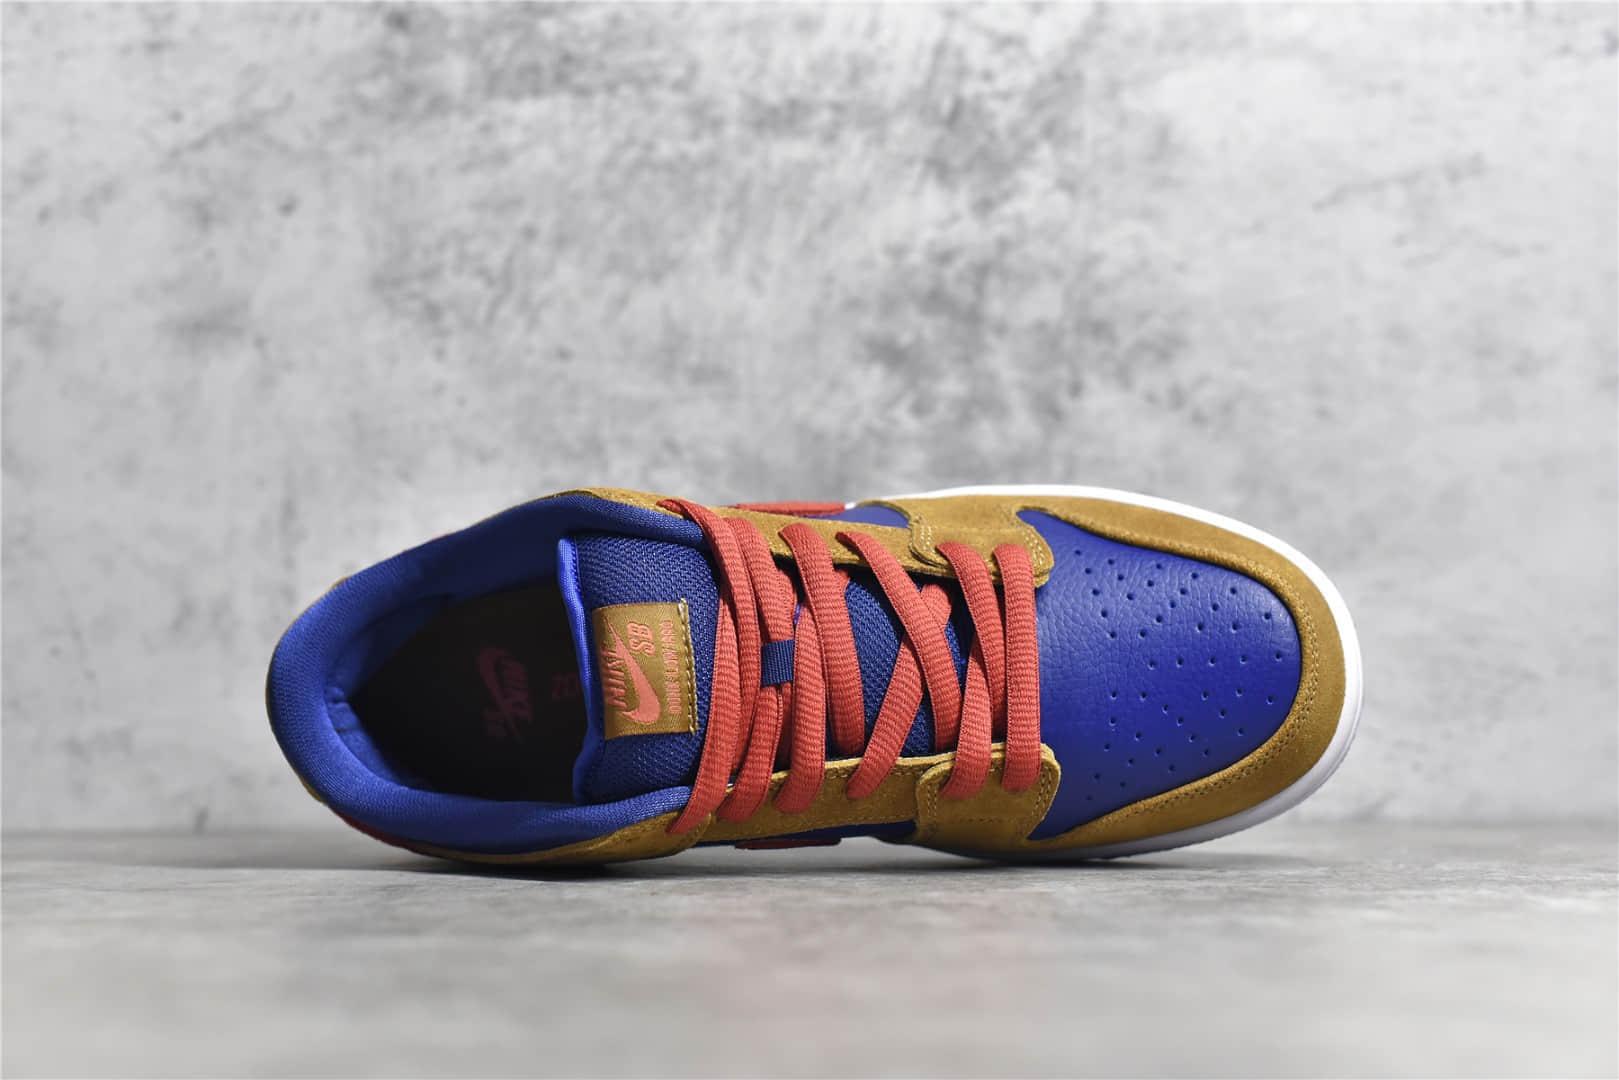 耐克Dunk SB棕红蓝麂皮低帮 Nike SB Dunk Low Pro PaPa Bear 耐克麂皮板鞋 顶级版本耐克Dunk复刻 货号:BQ6817 700-潮流者之家